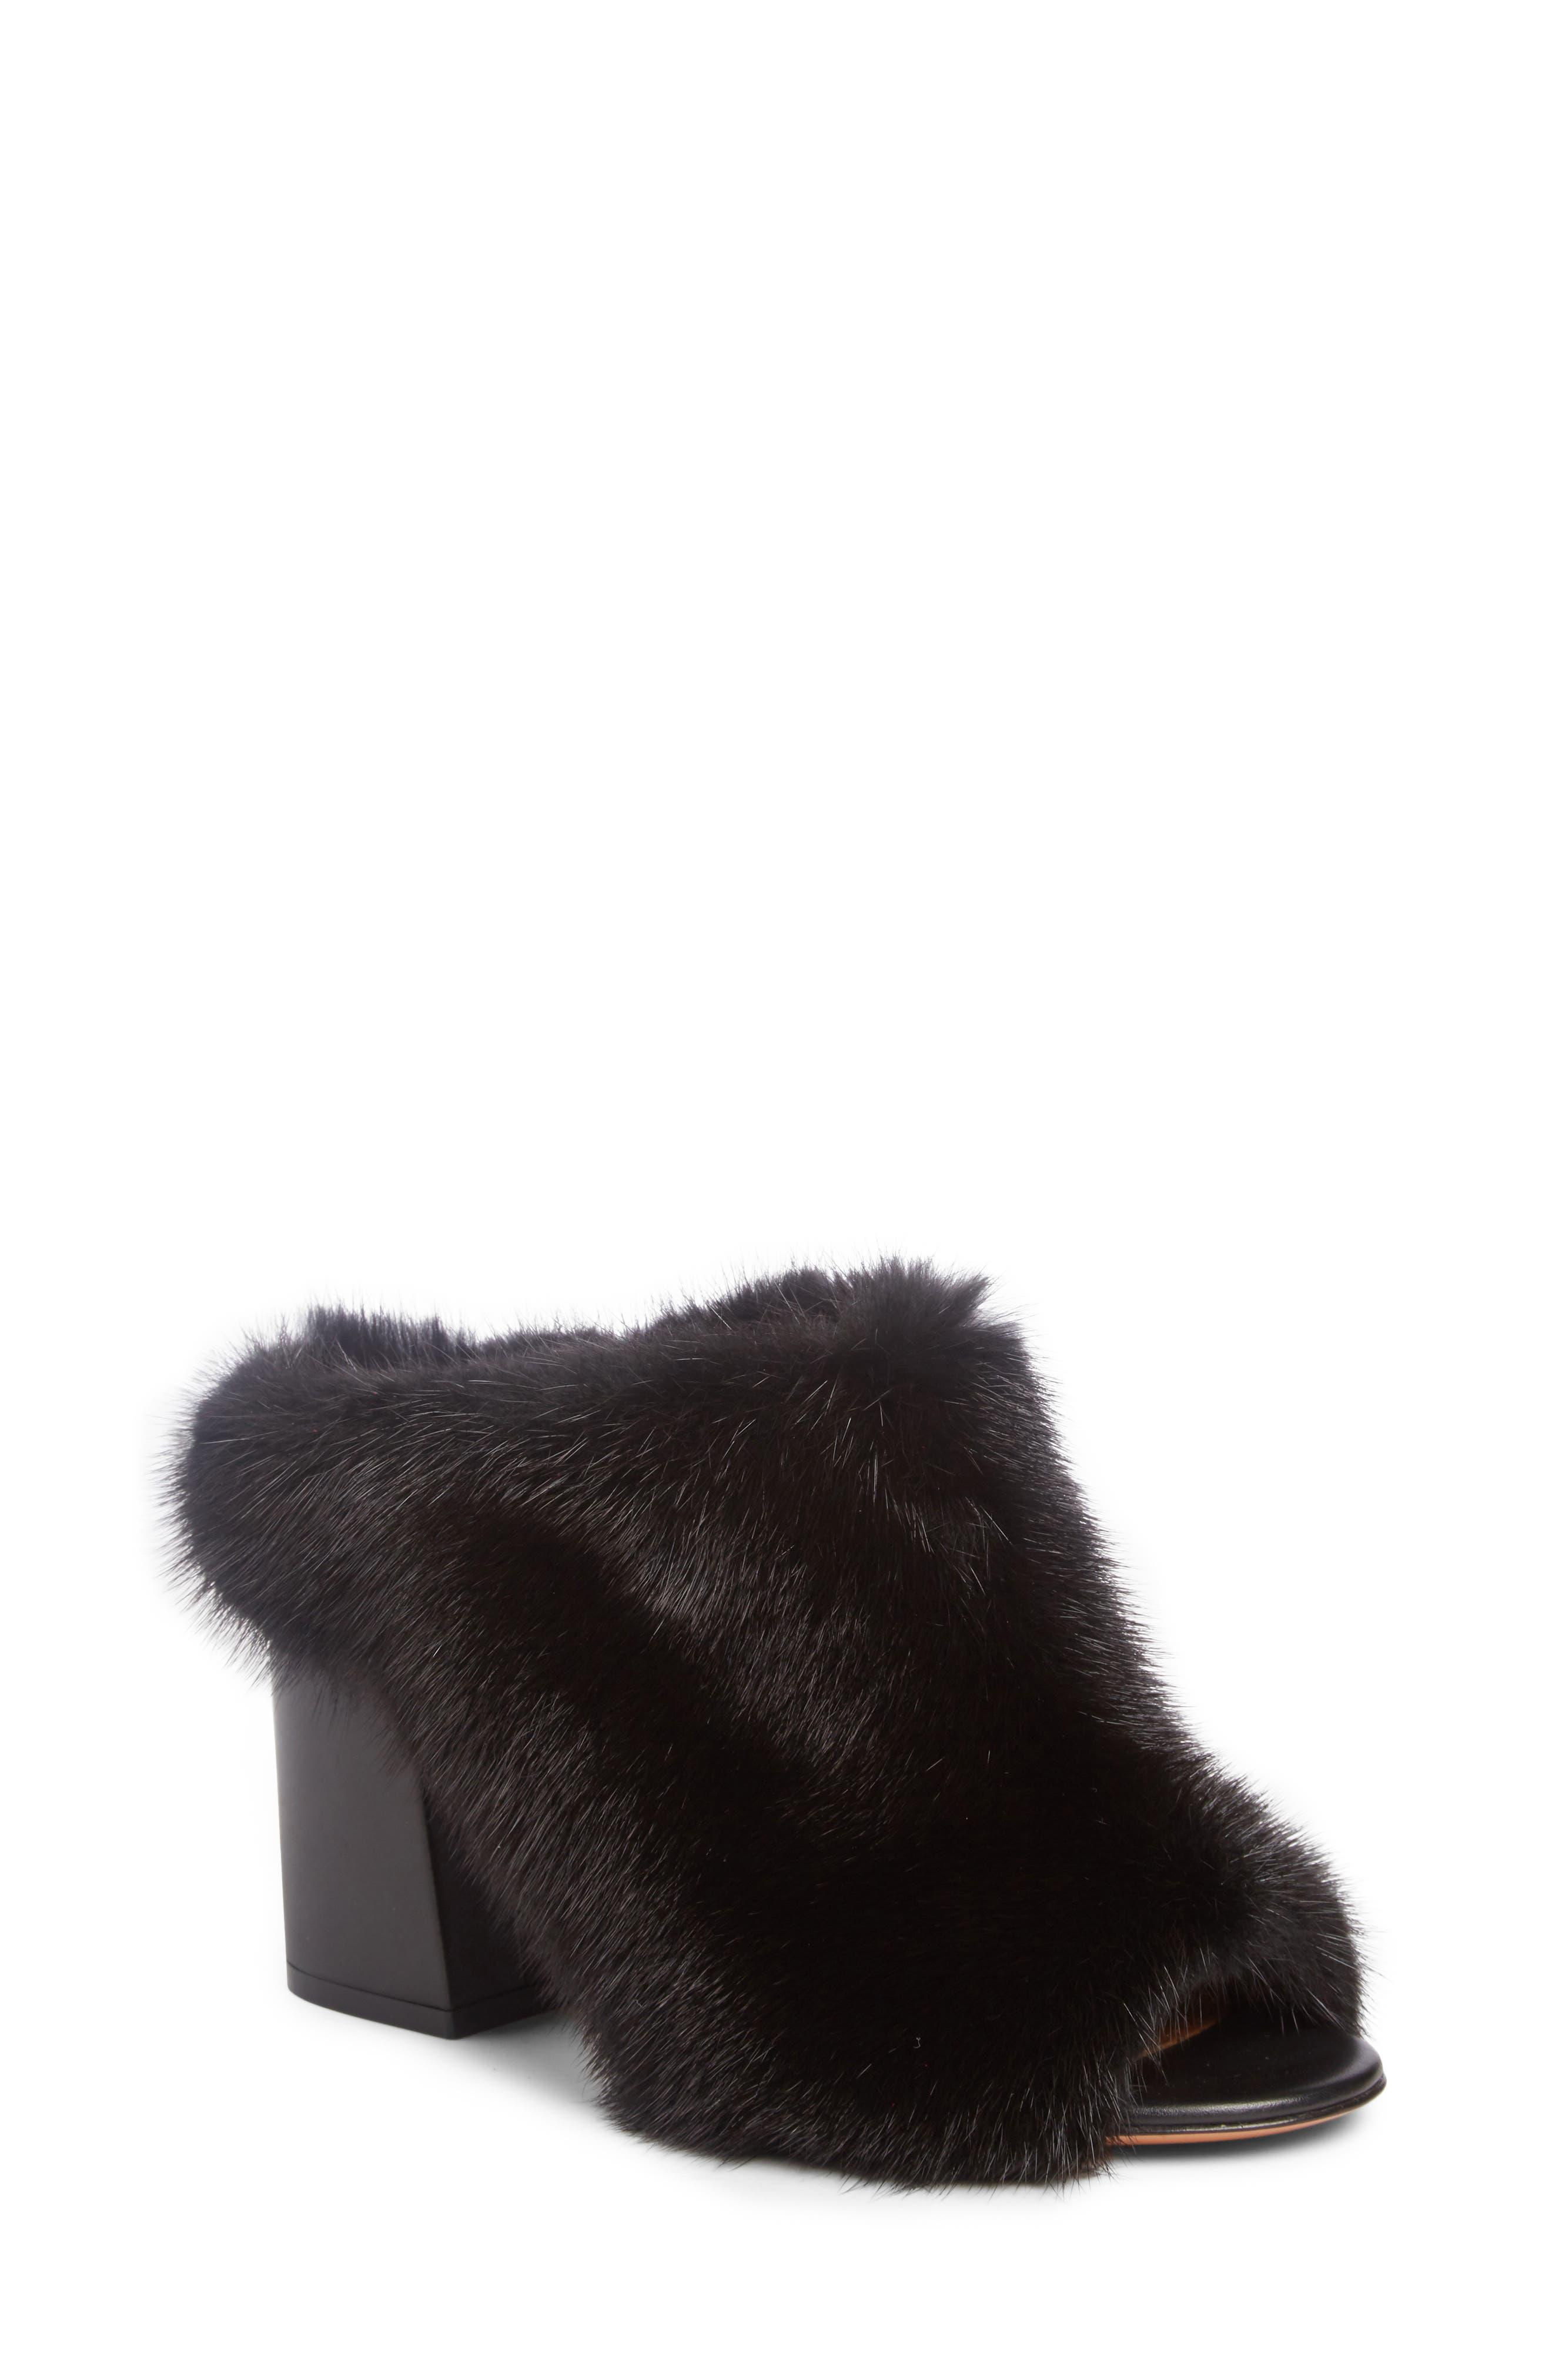 Paris Genuine Mink Fur Mule,                         Main,                         color, 001